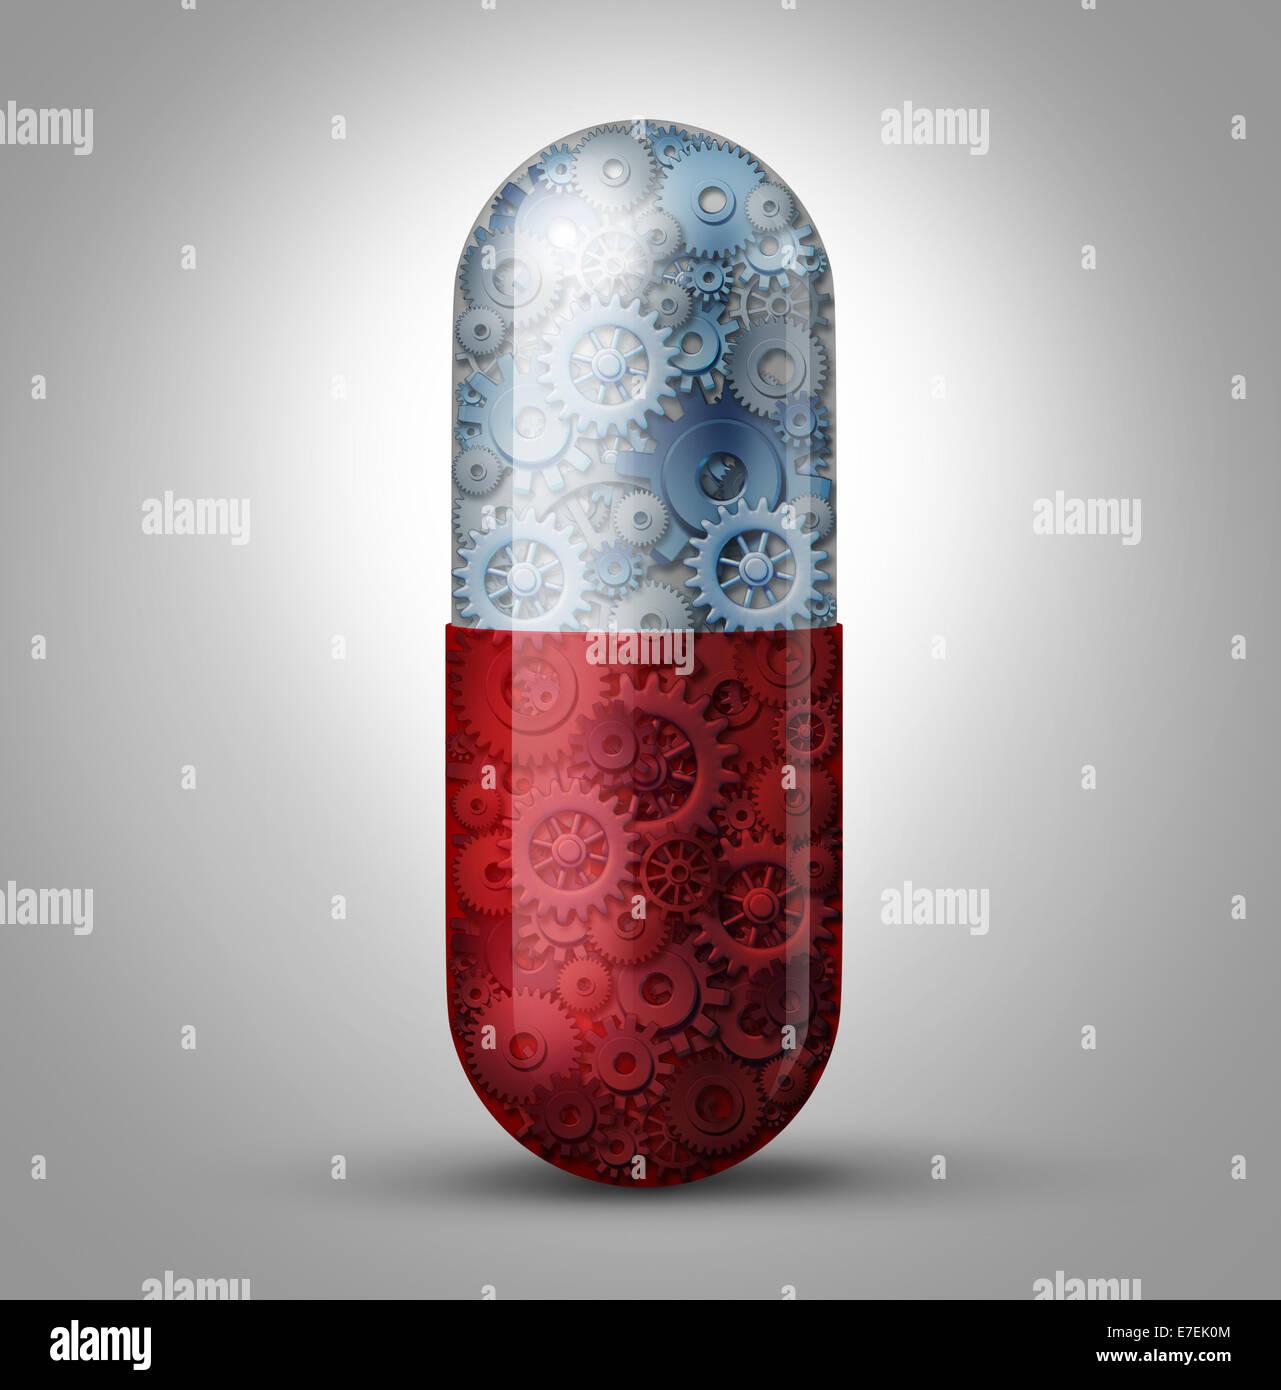 Futuro de la medicina y la bioingeniería concepto como una píldora mágica cápsula con piñones Imagen De Stock